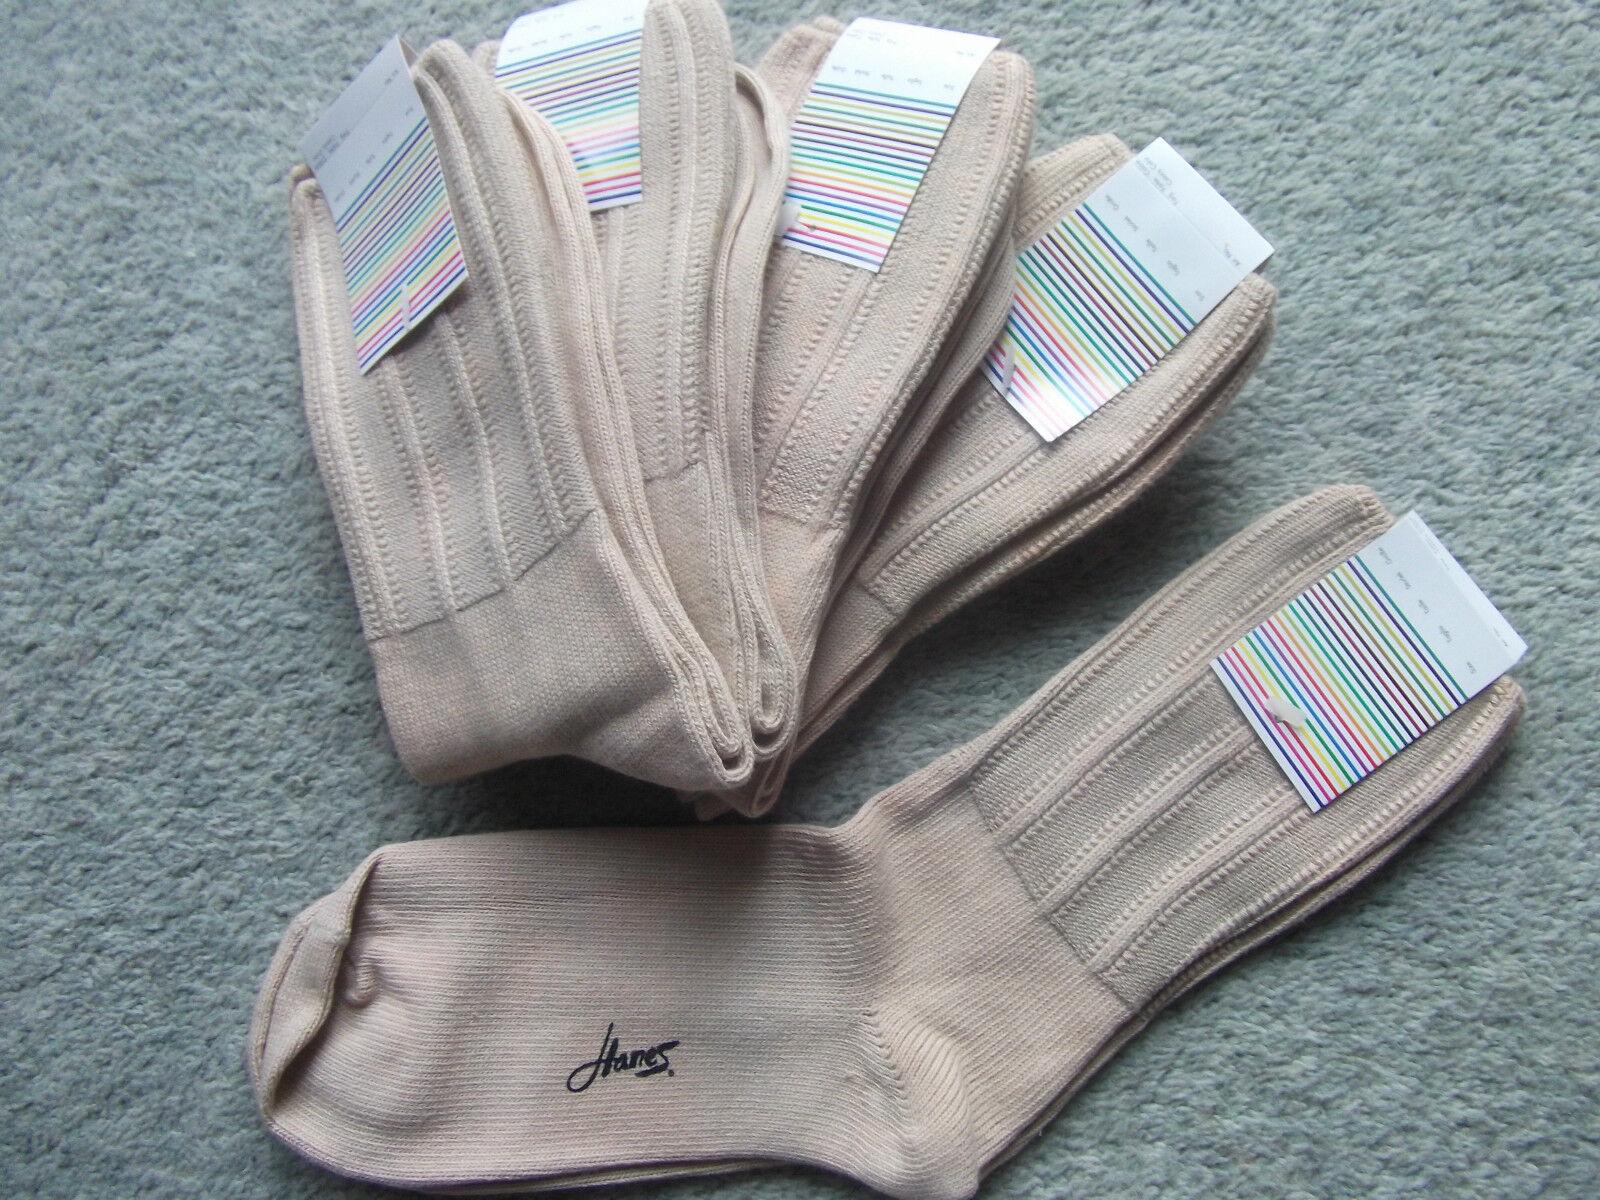 Sockenpaket 10 Paar Socken Strümpfe Baumwolle Beige Hanes Gr.39-42 NEU